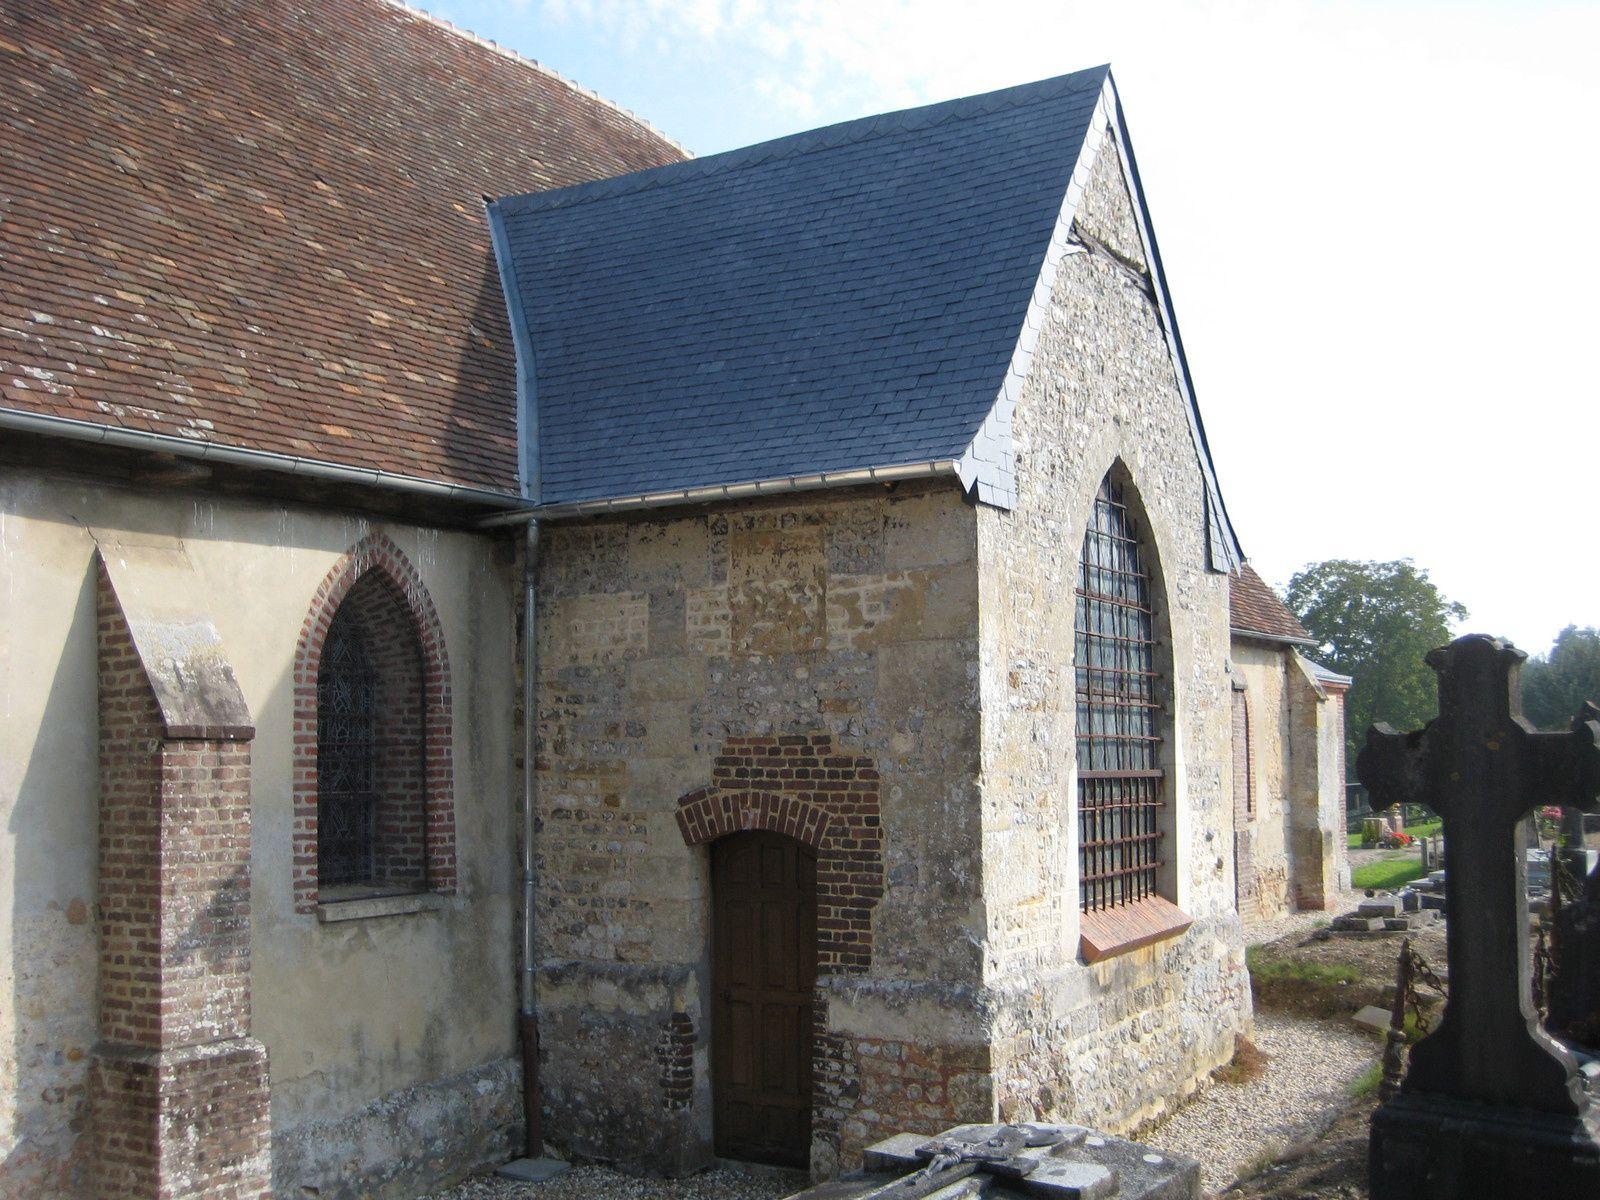 restauration avec l'aide de l'association la sauvegarde de l'église de Norolles.